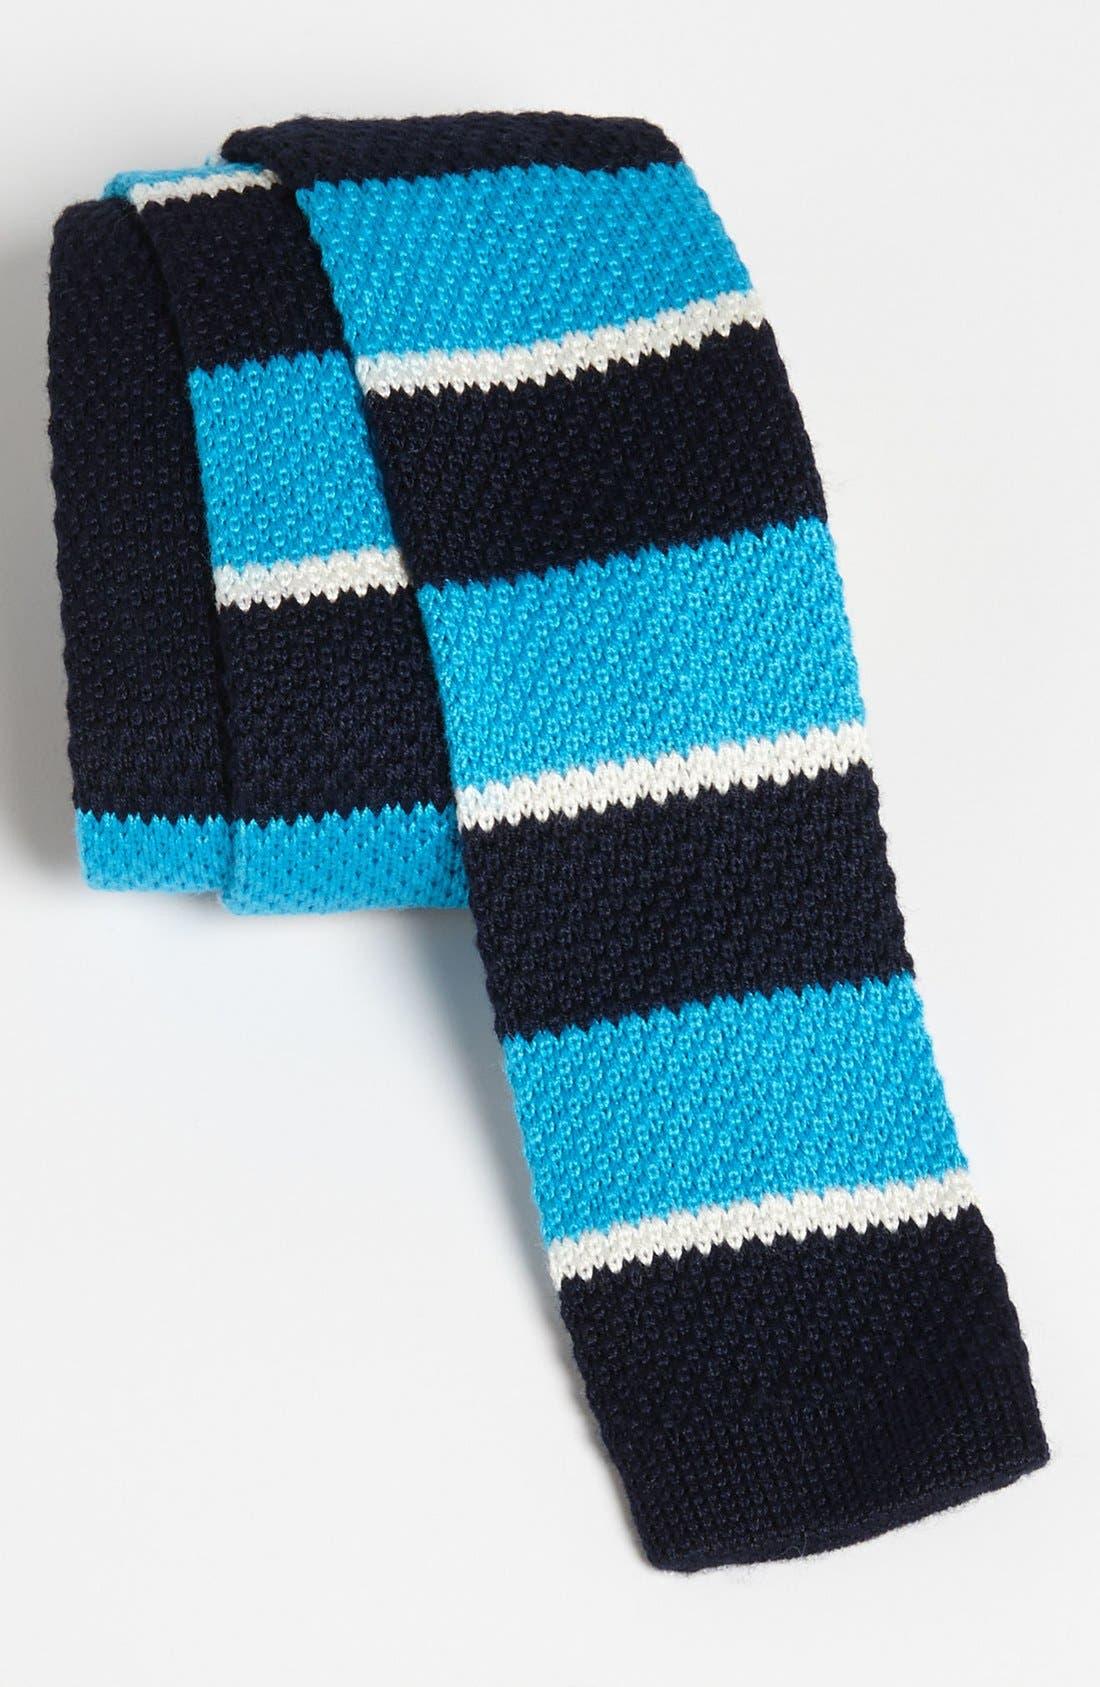 Main Image - 1901 Knit Tie